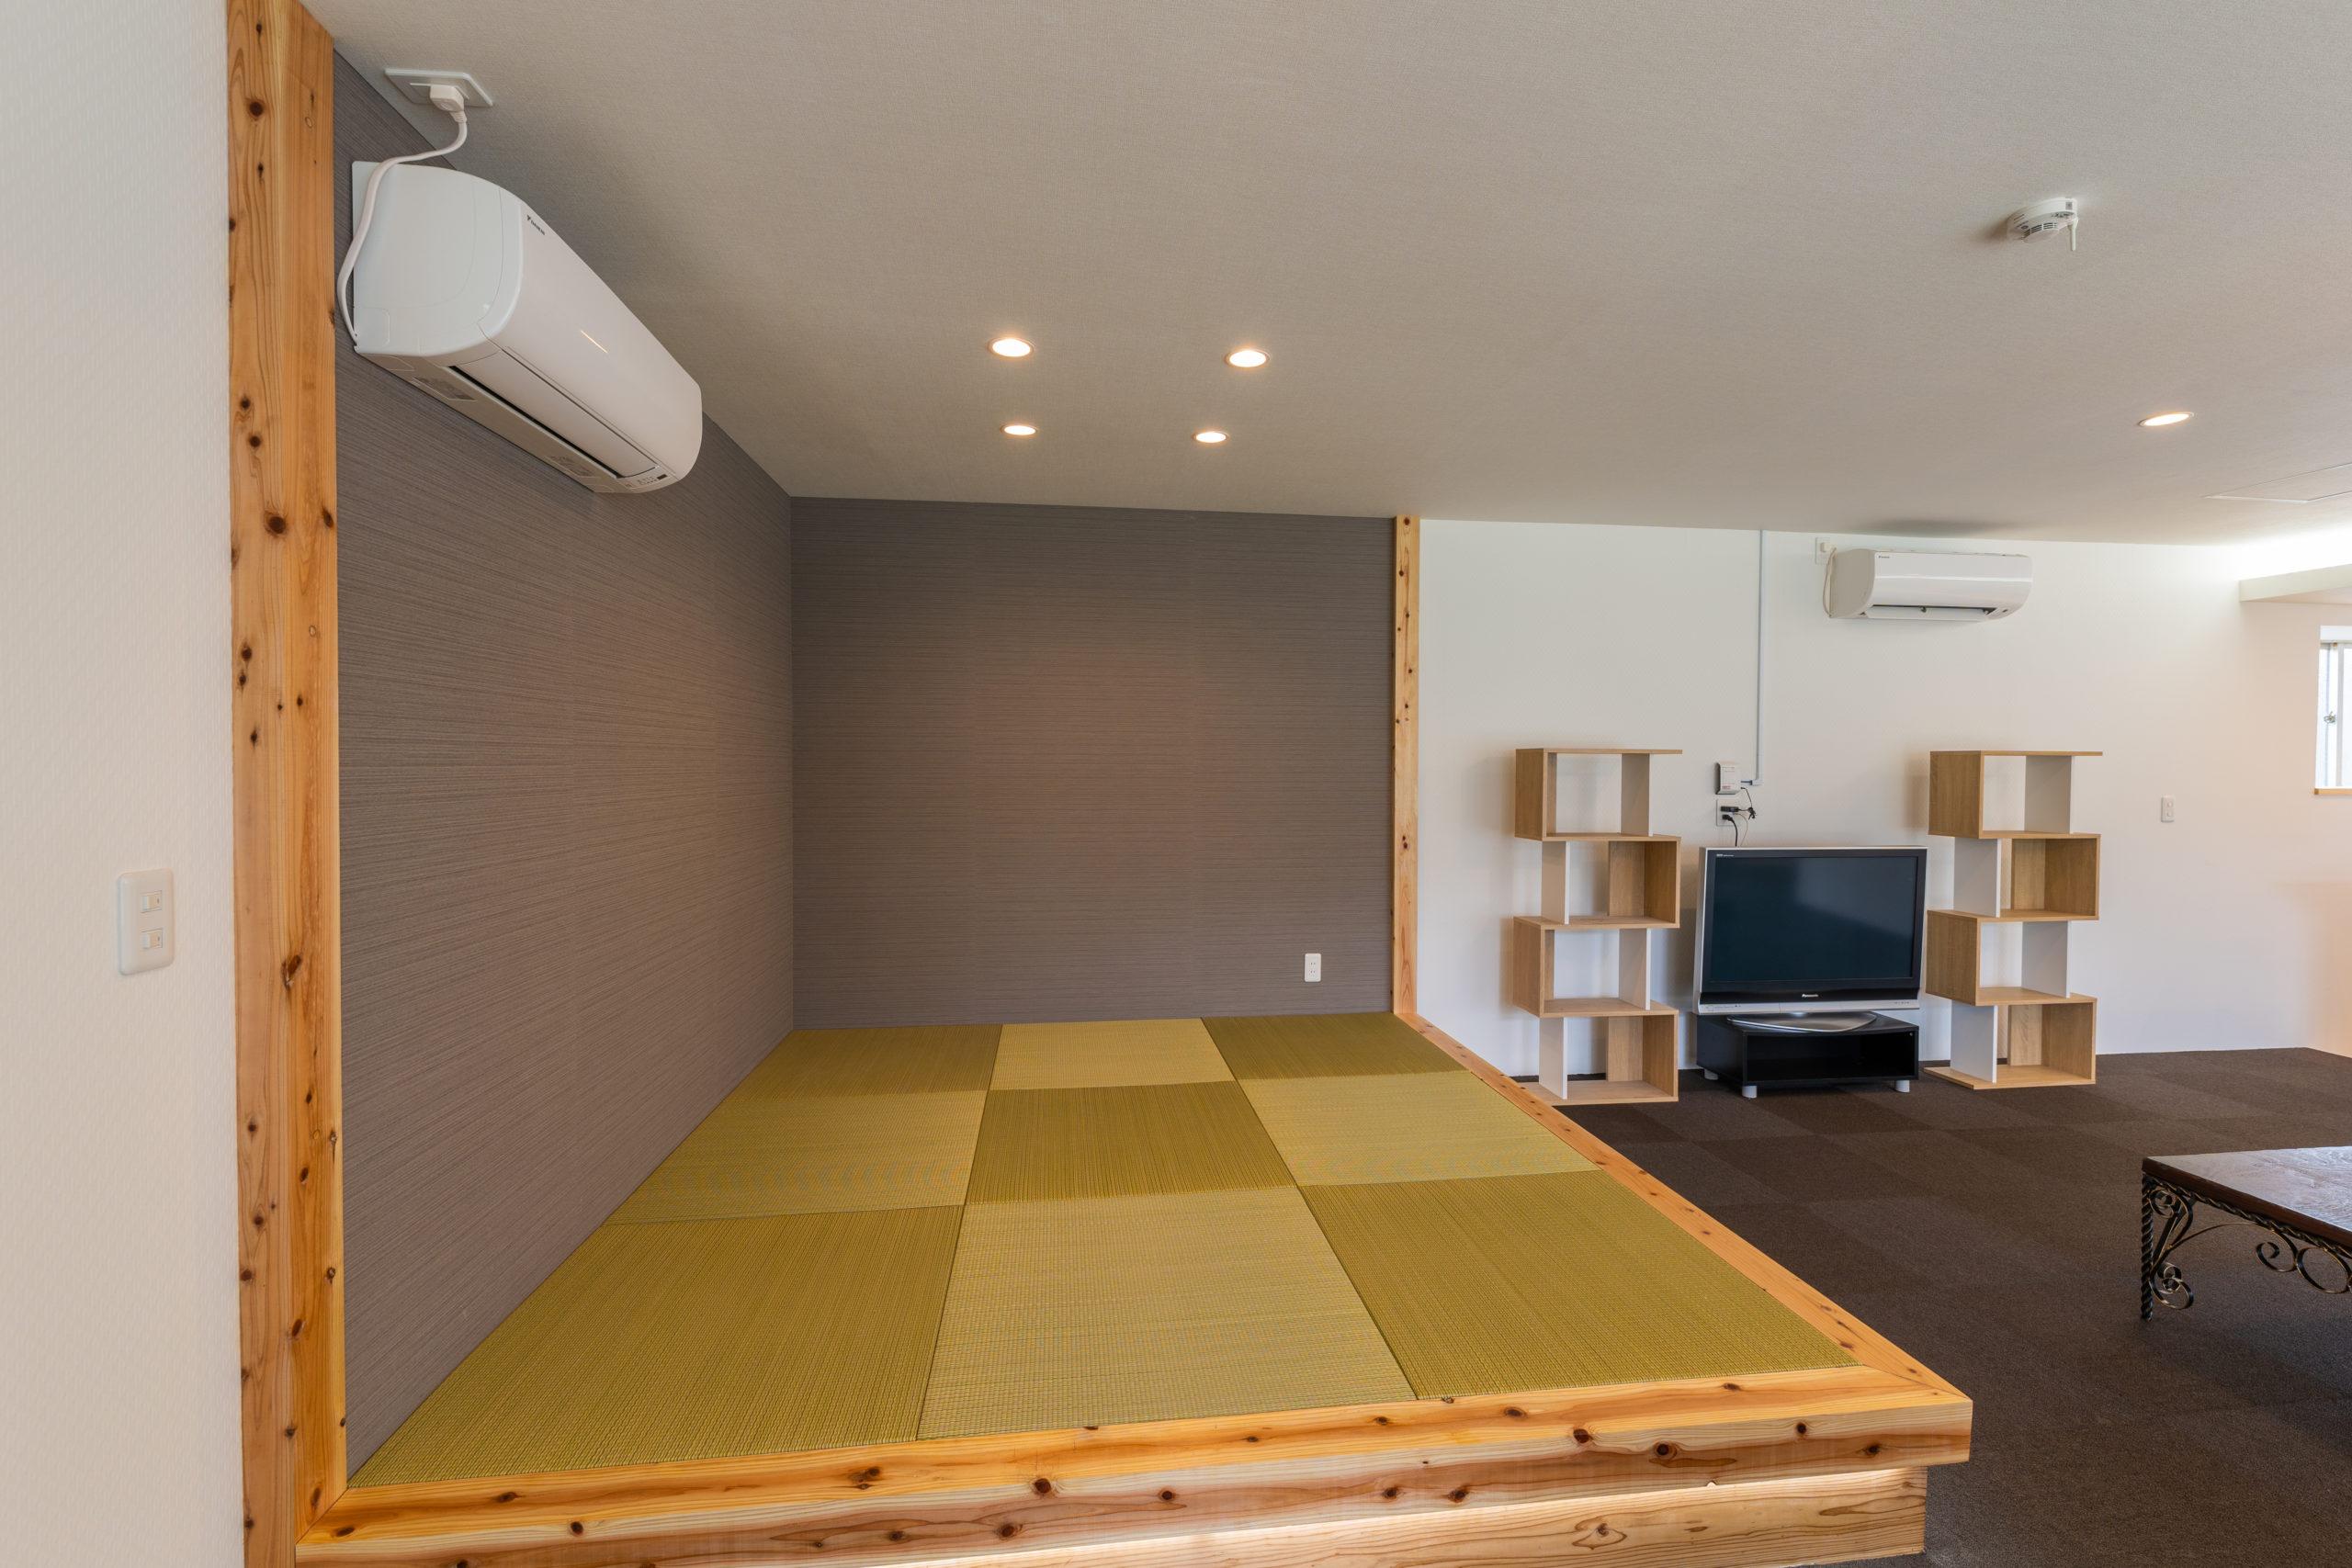 3世帯で宿泊した場合、それぞれに部屋を分けることは可能ですか?